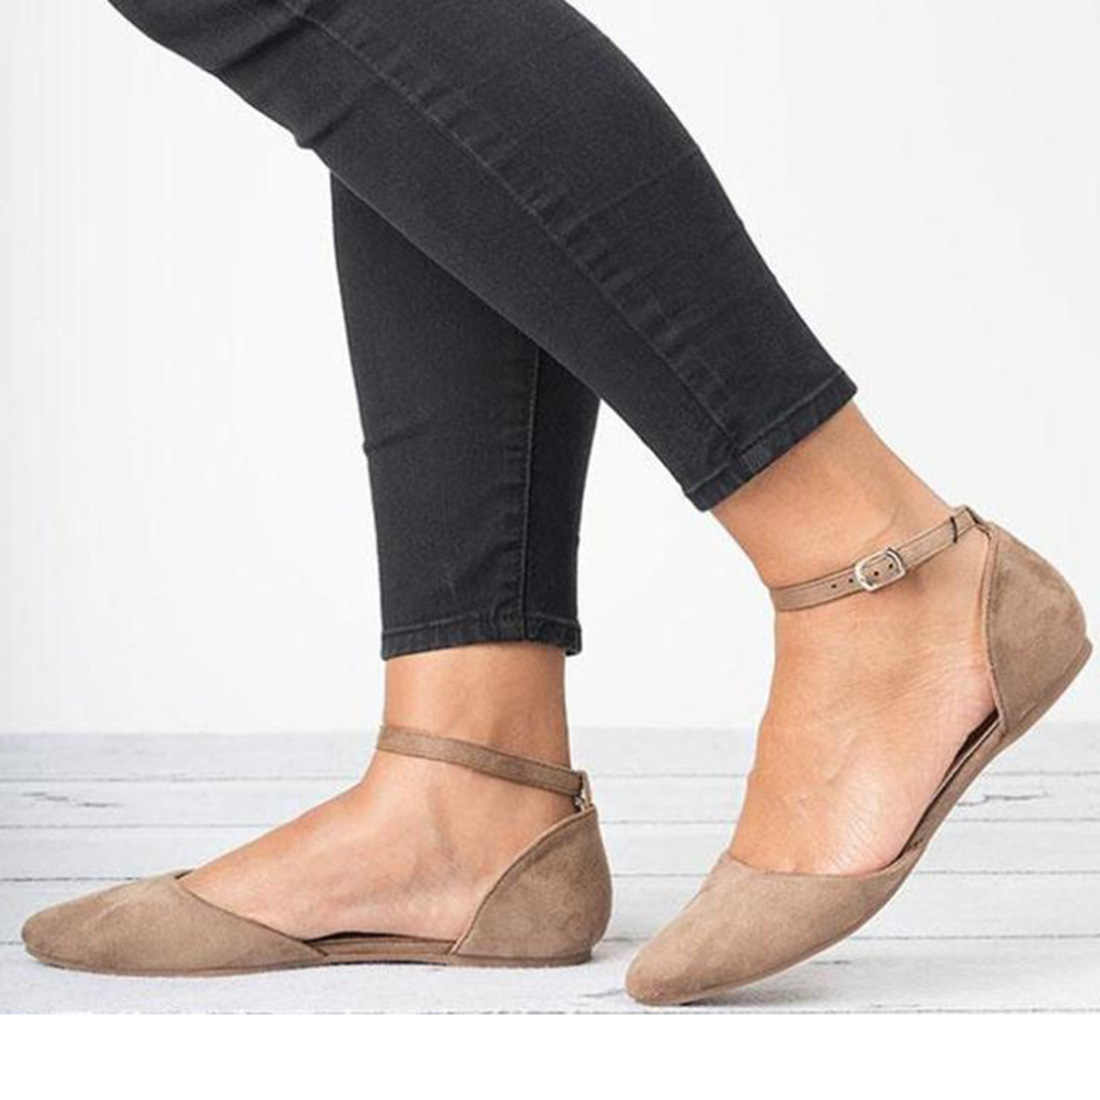 Vrouwen Platte Schoenen 2019 Zomer Loafers Effen Teen Ballet Flats Casual Slip Schoenen Vrouw Vrouwen Ondiepe Platte Lederen Schoenen